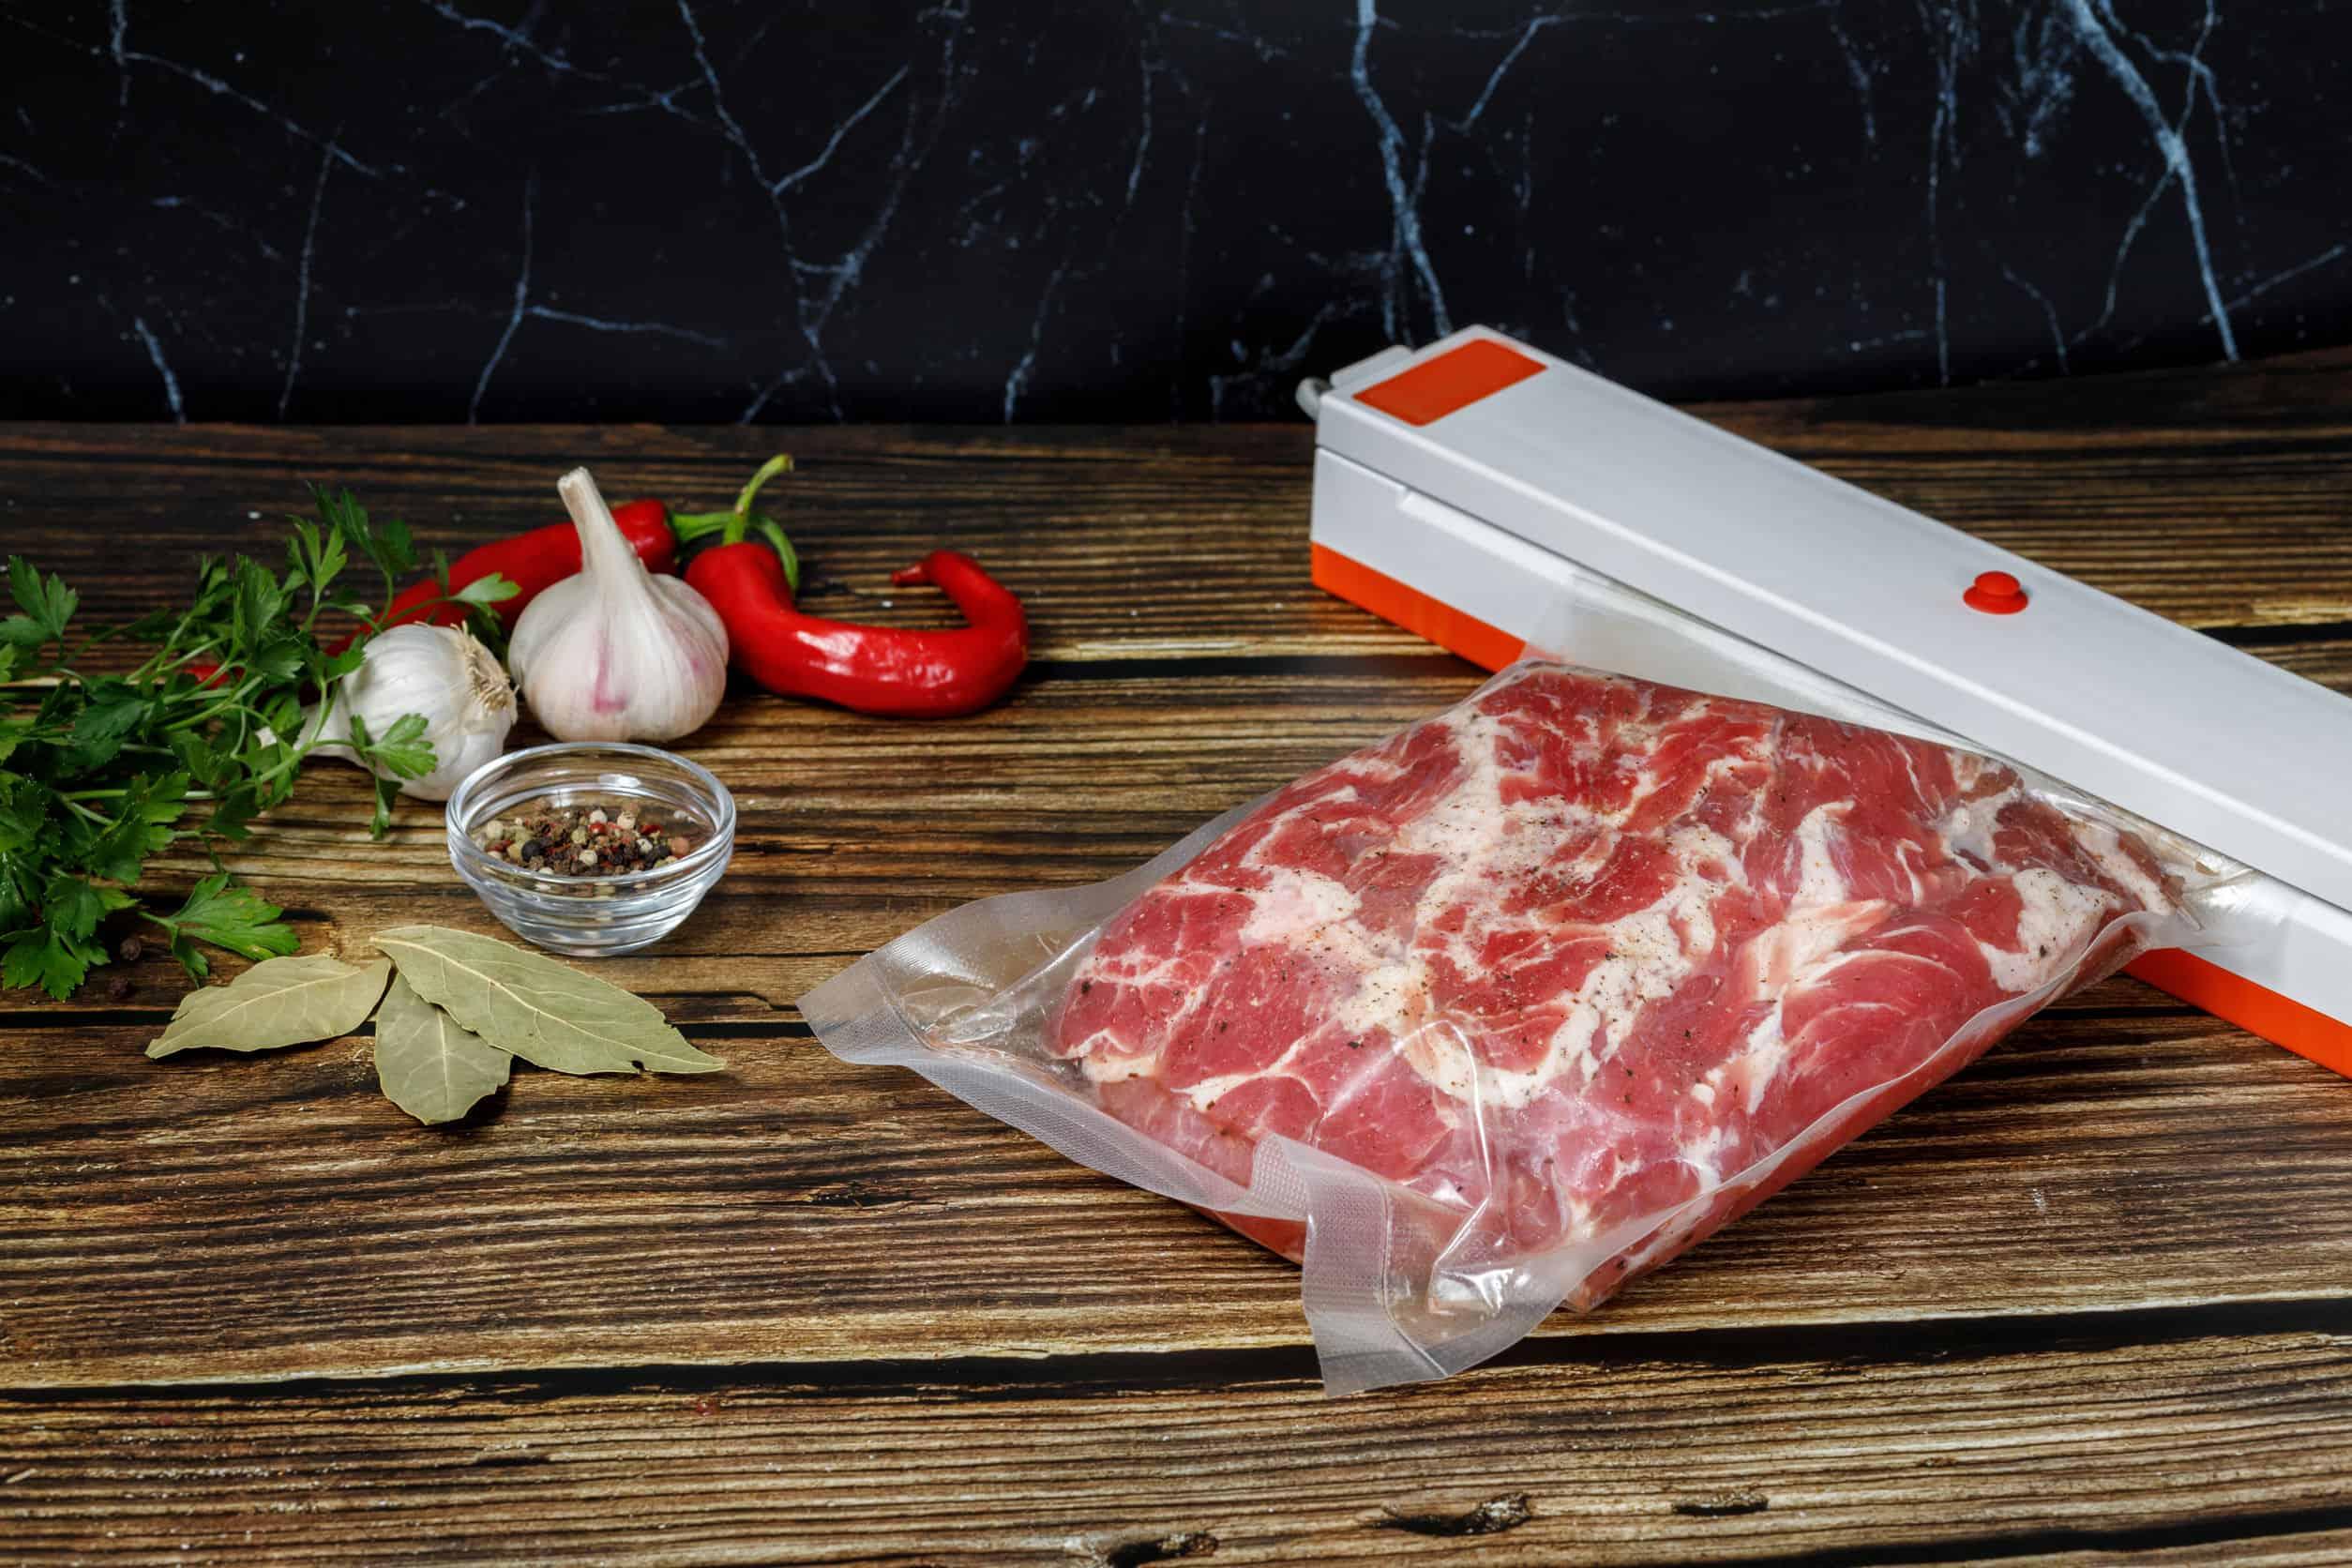 Carne sendo embalada a vácuo sobre bancada de madeira ao lado de temperos.